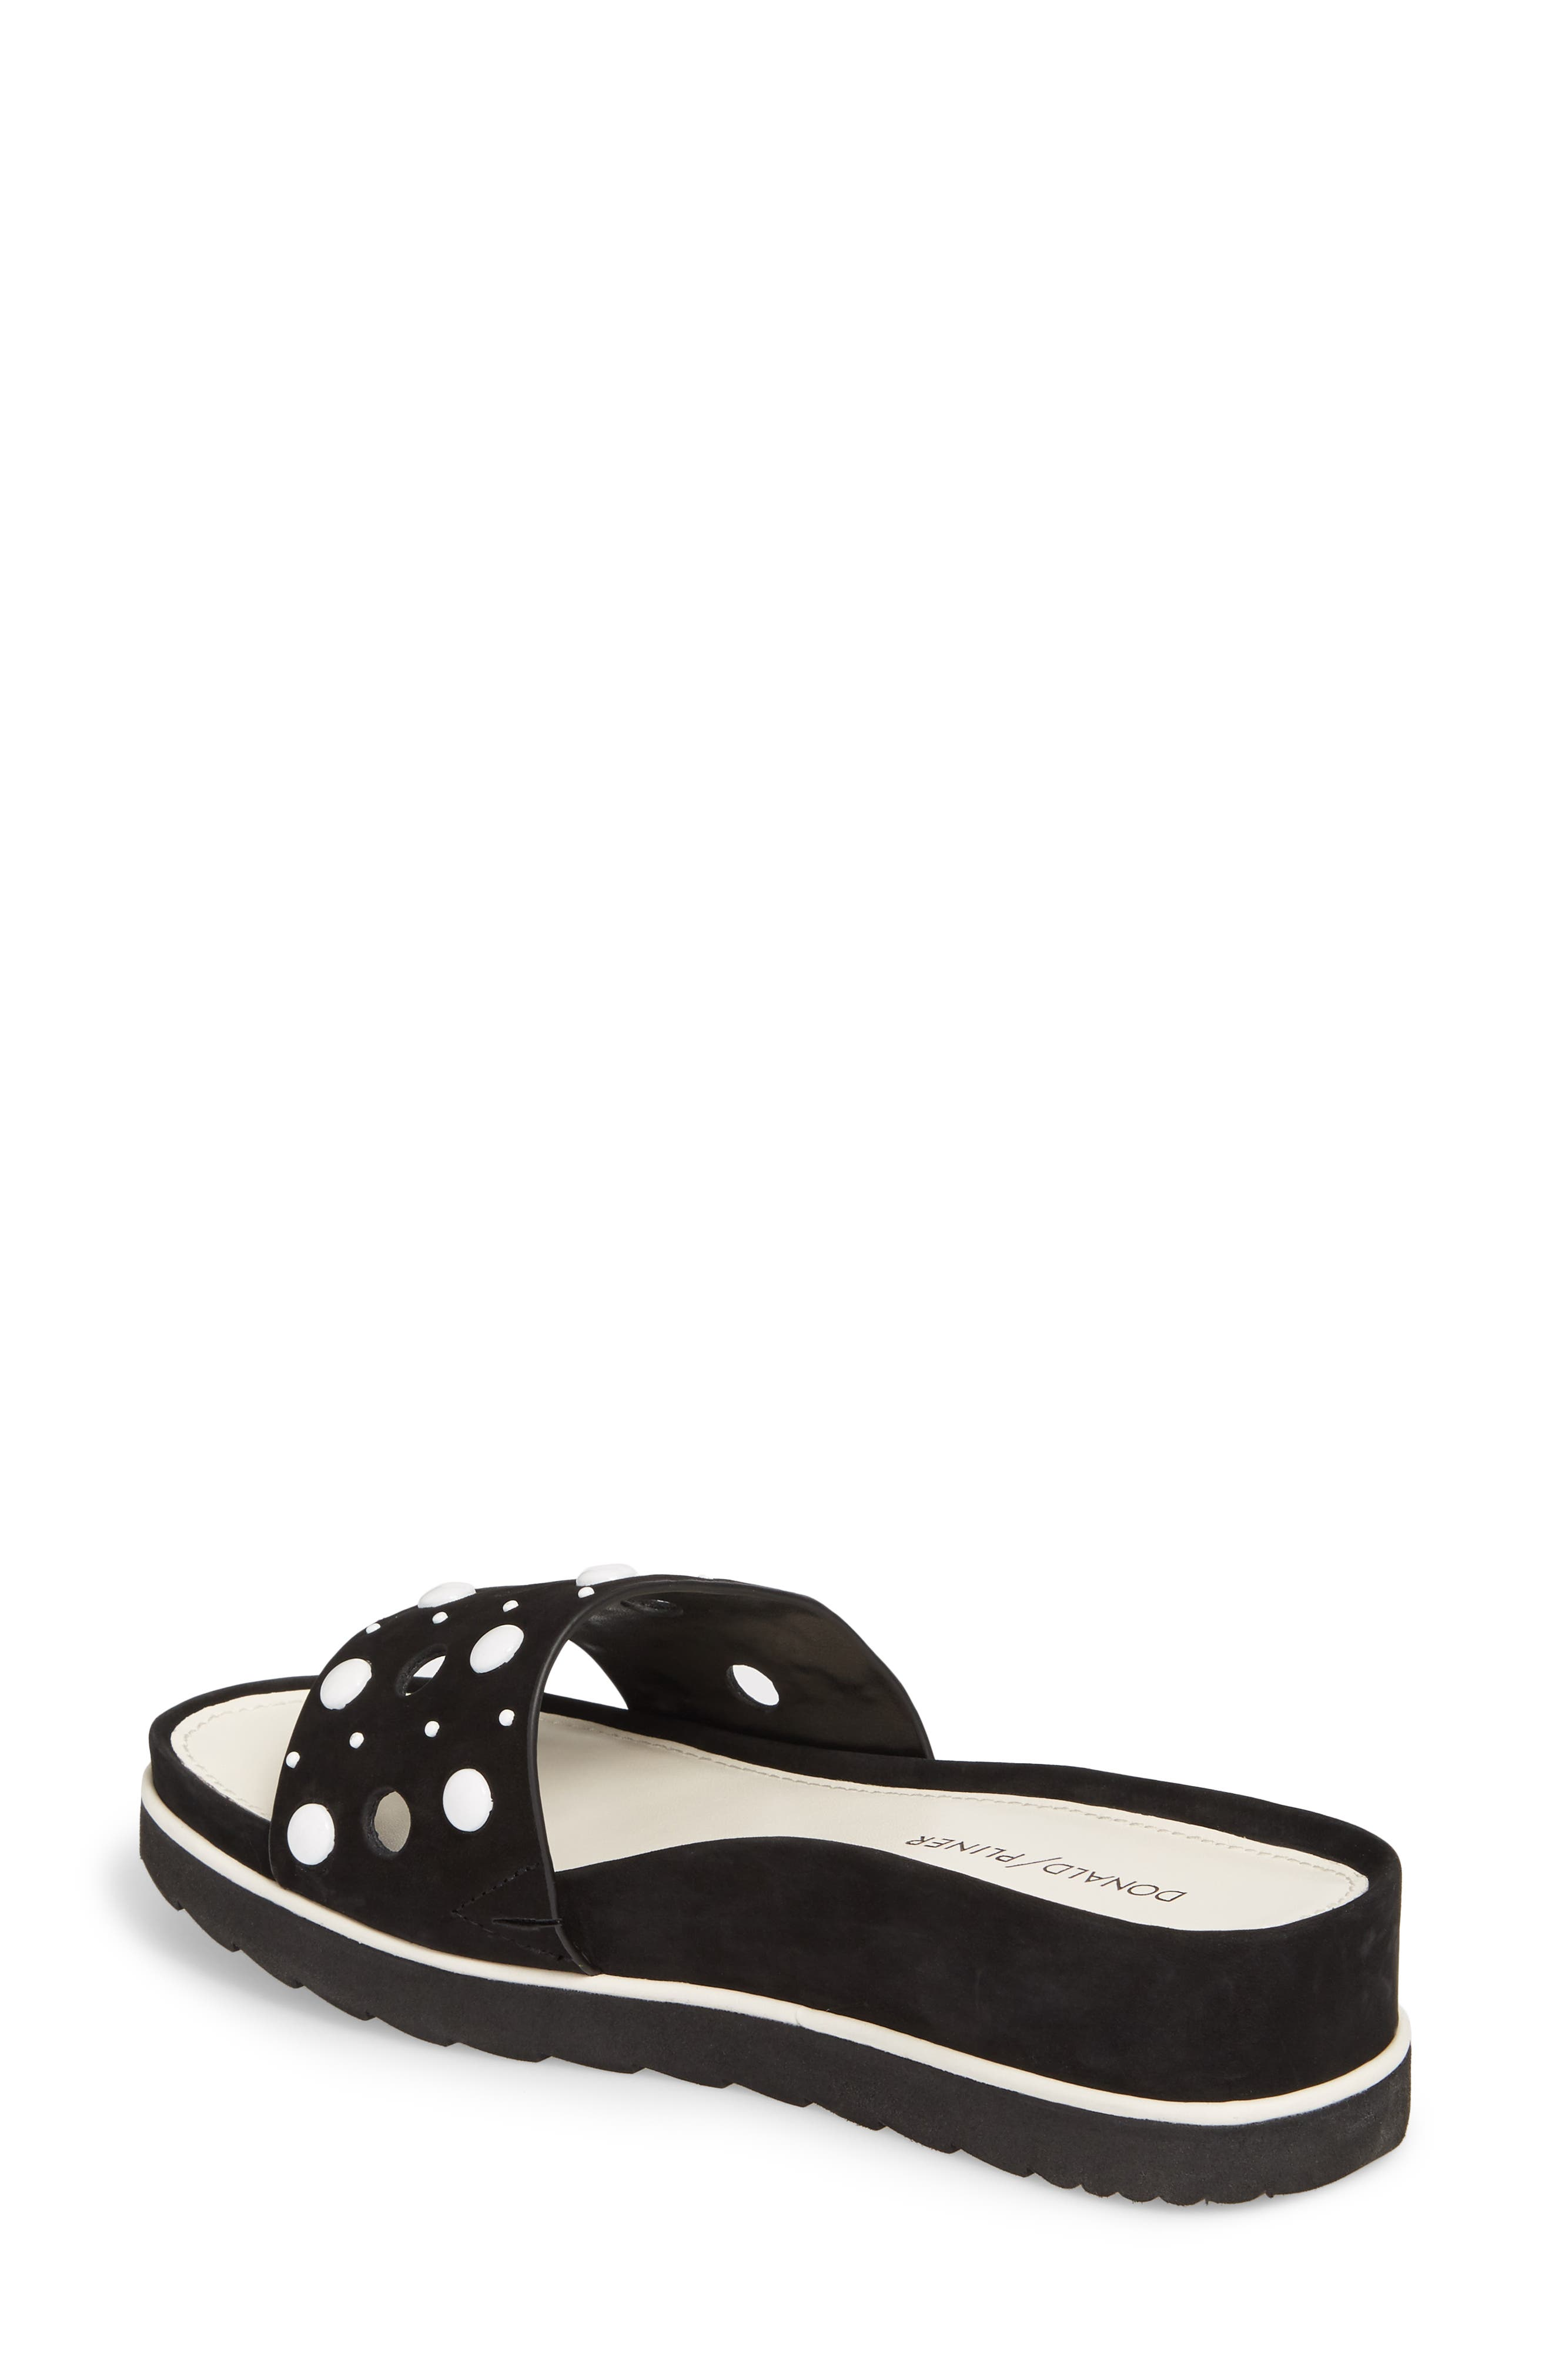 Alternate Image 2  - Donald J Pliner 'Cava' Slide Sandal (Women)